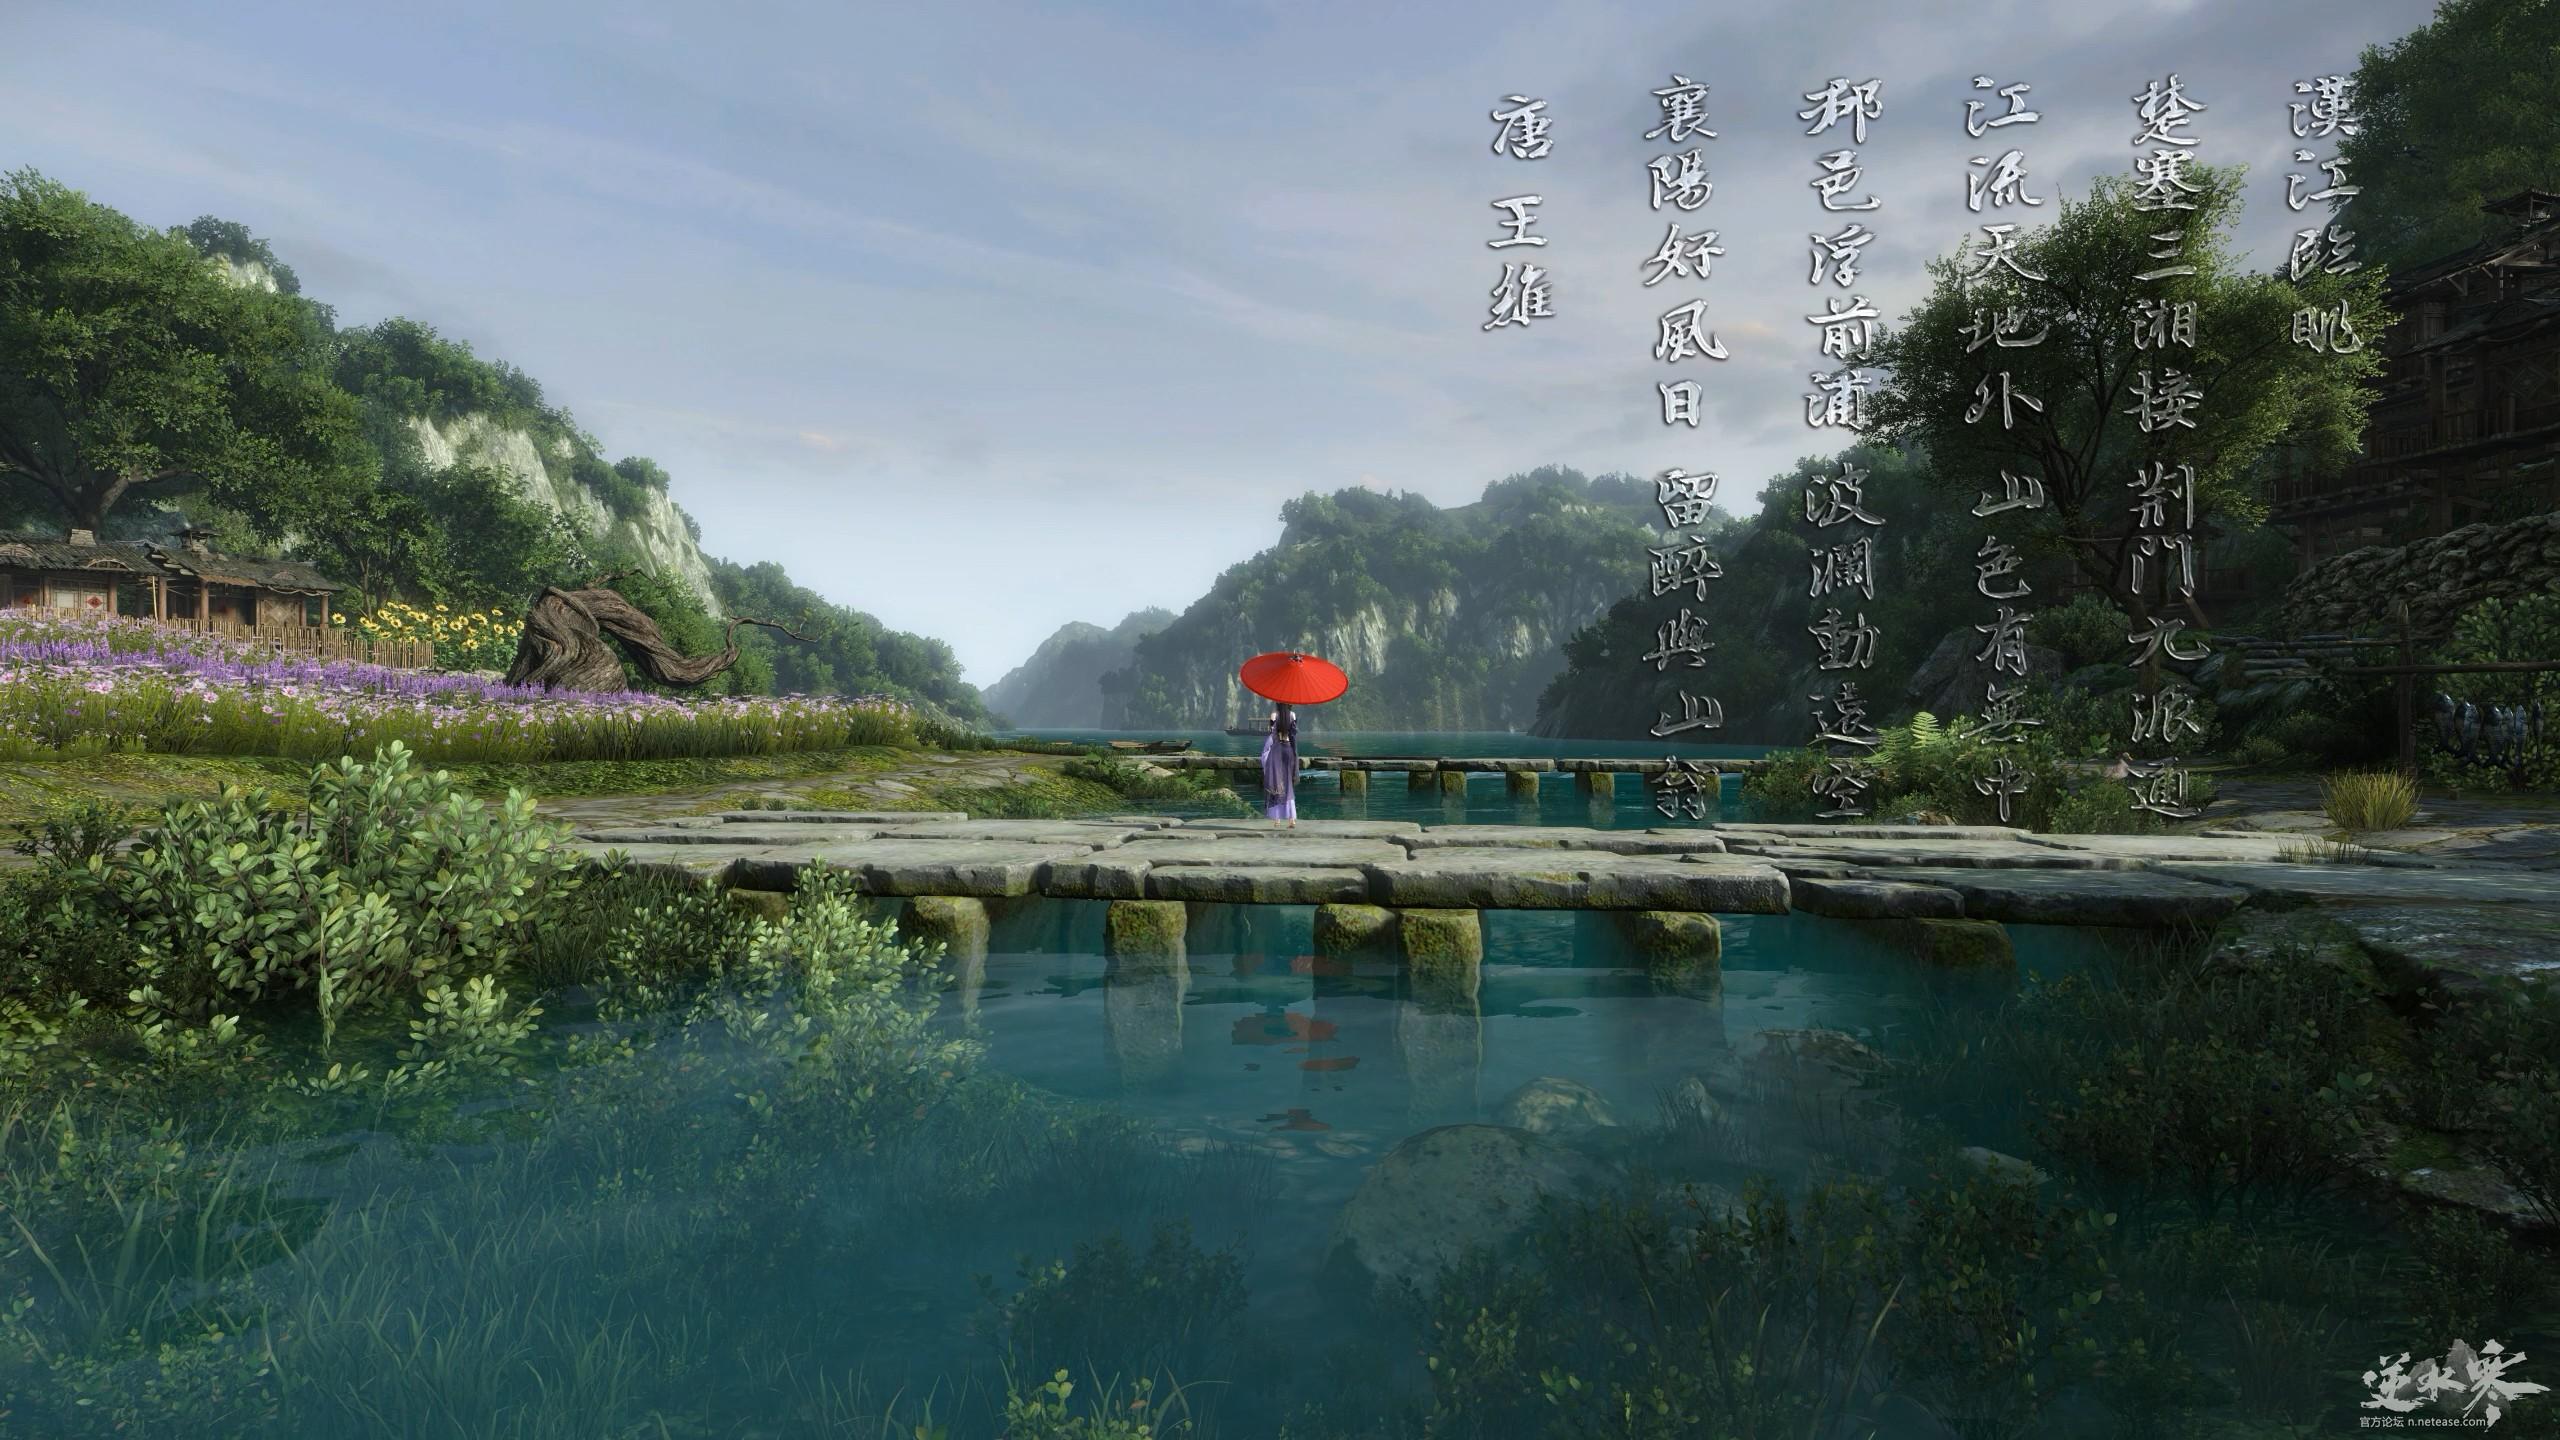 逆水寒2K风景诗词壁纸分享(持续更新中)